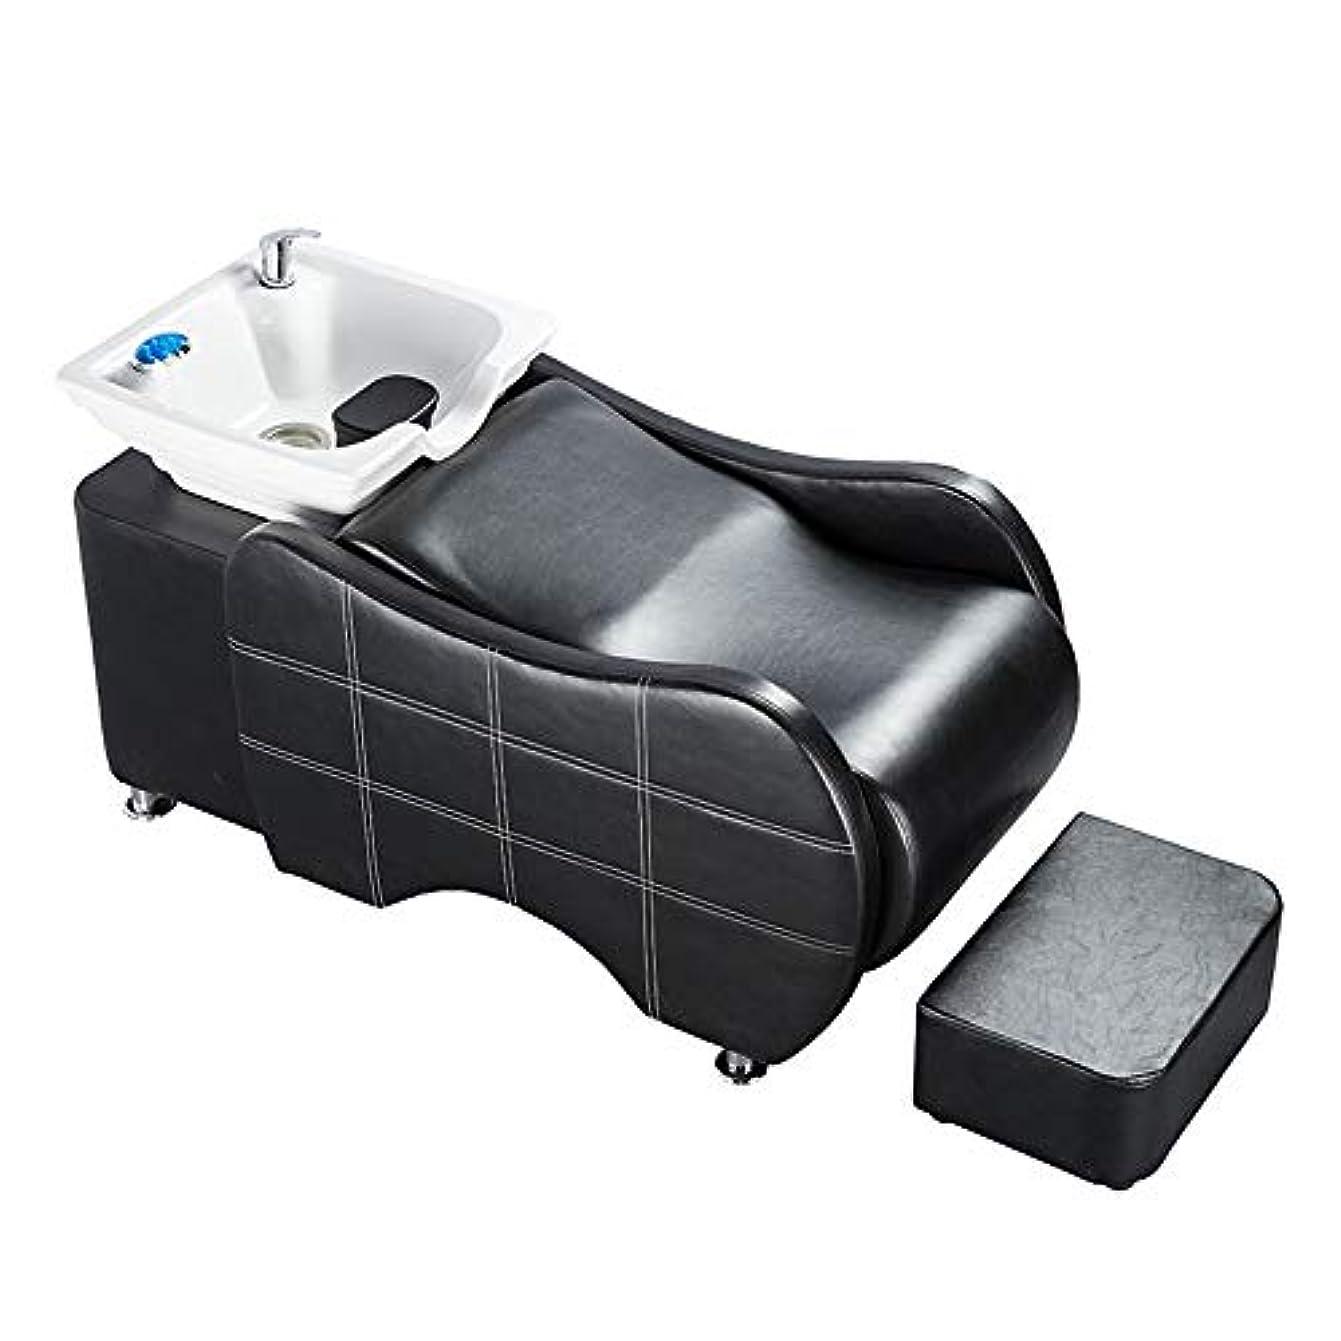 特異性ビバ胚シャンプーの理髪師の逆洗の椅子、鉱泉の美容院のための陶磁器の洗面器の逆洗の単位のシャンプーボールの流しの椅子(黒)